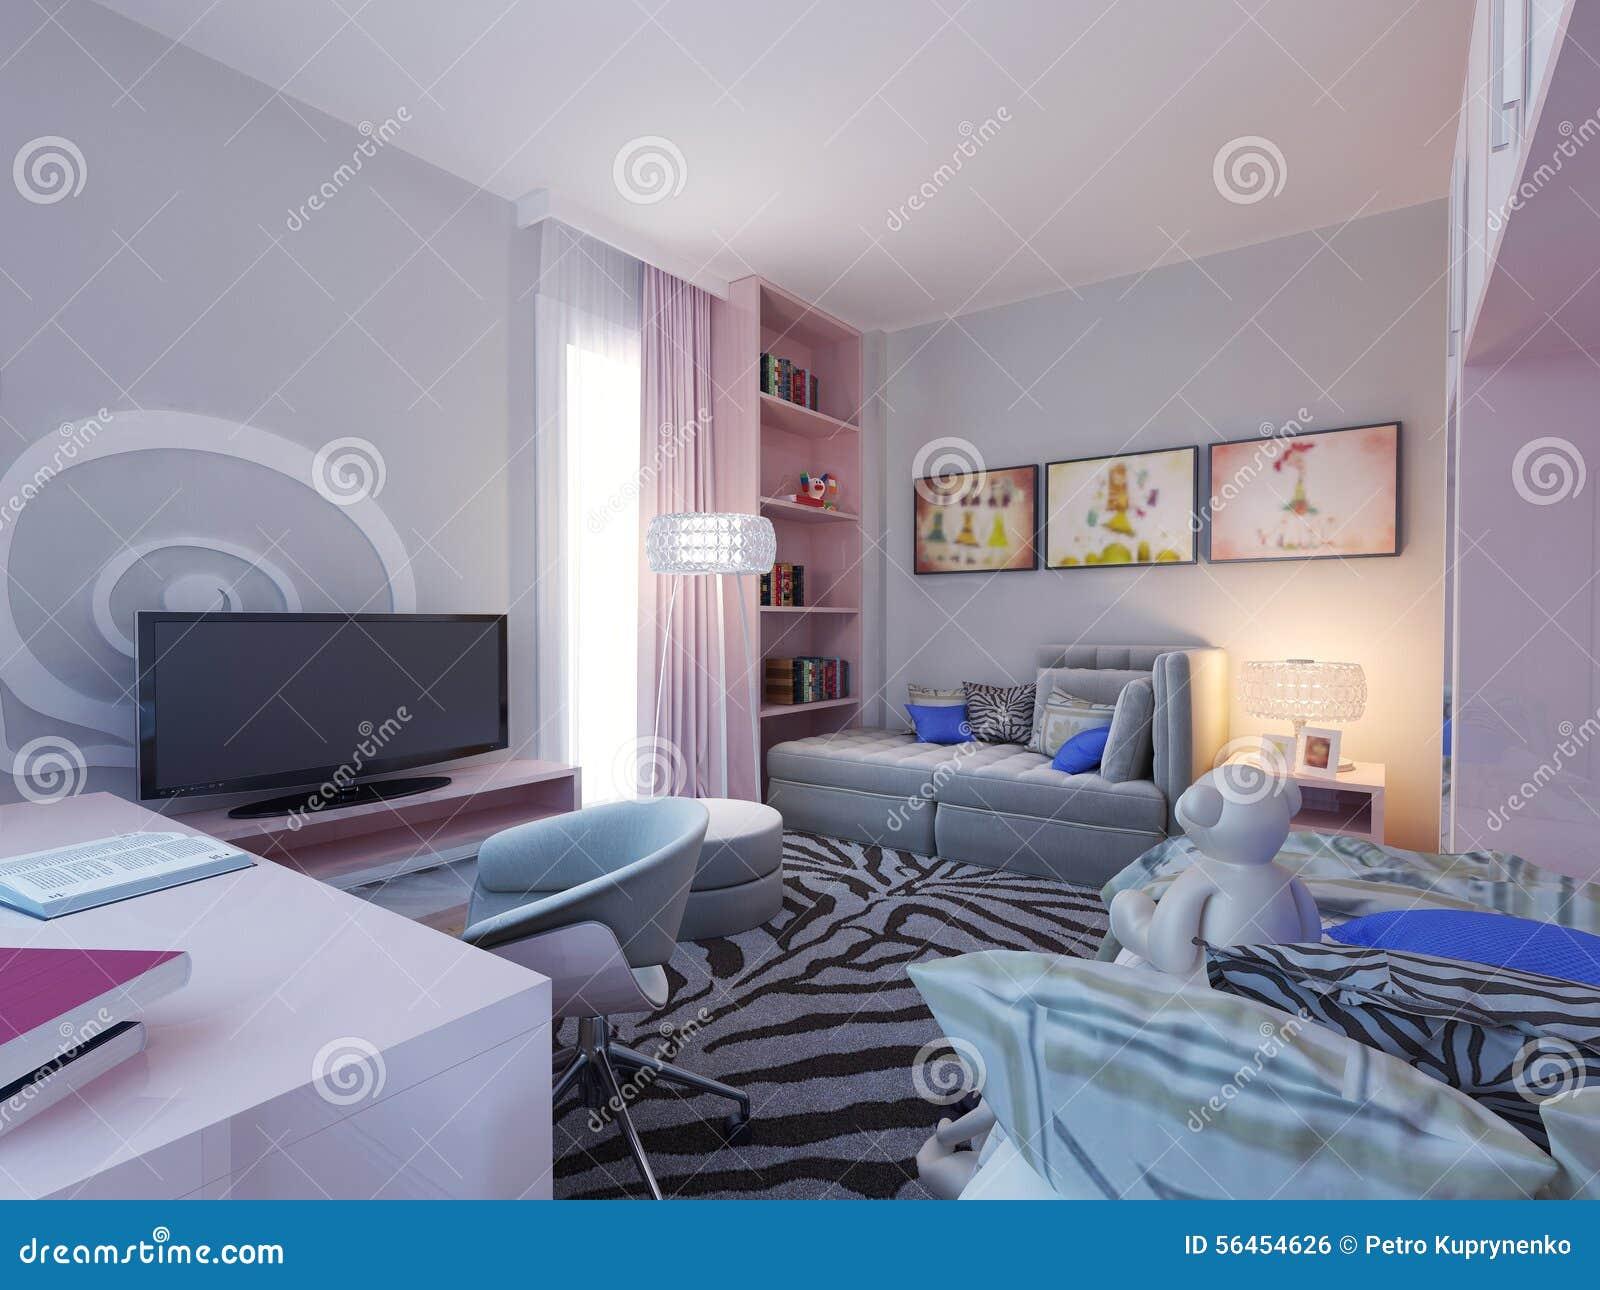 Pittura per camerette ragazzi pareti cameretta neonato pitture camerette bambini letti di - Camera da letto bambini ...